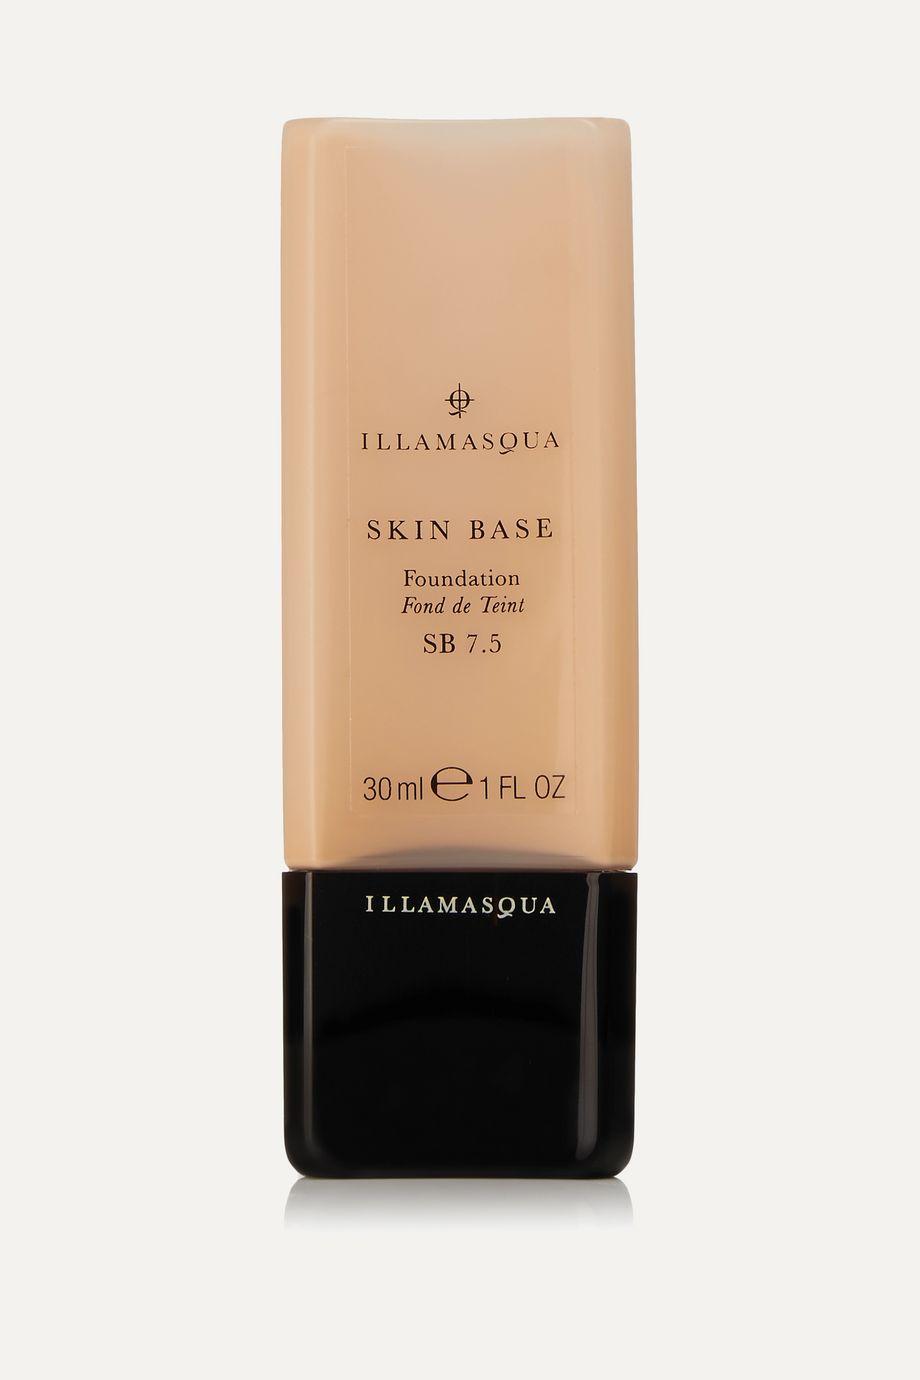 Illamasqua Skin Base Foundation - 7.5, 30ml